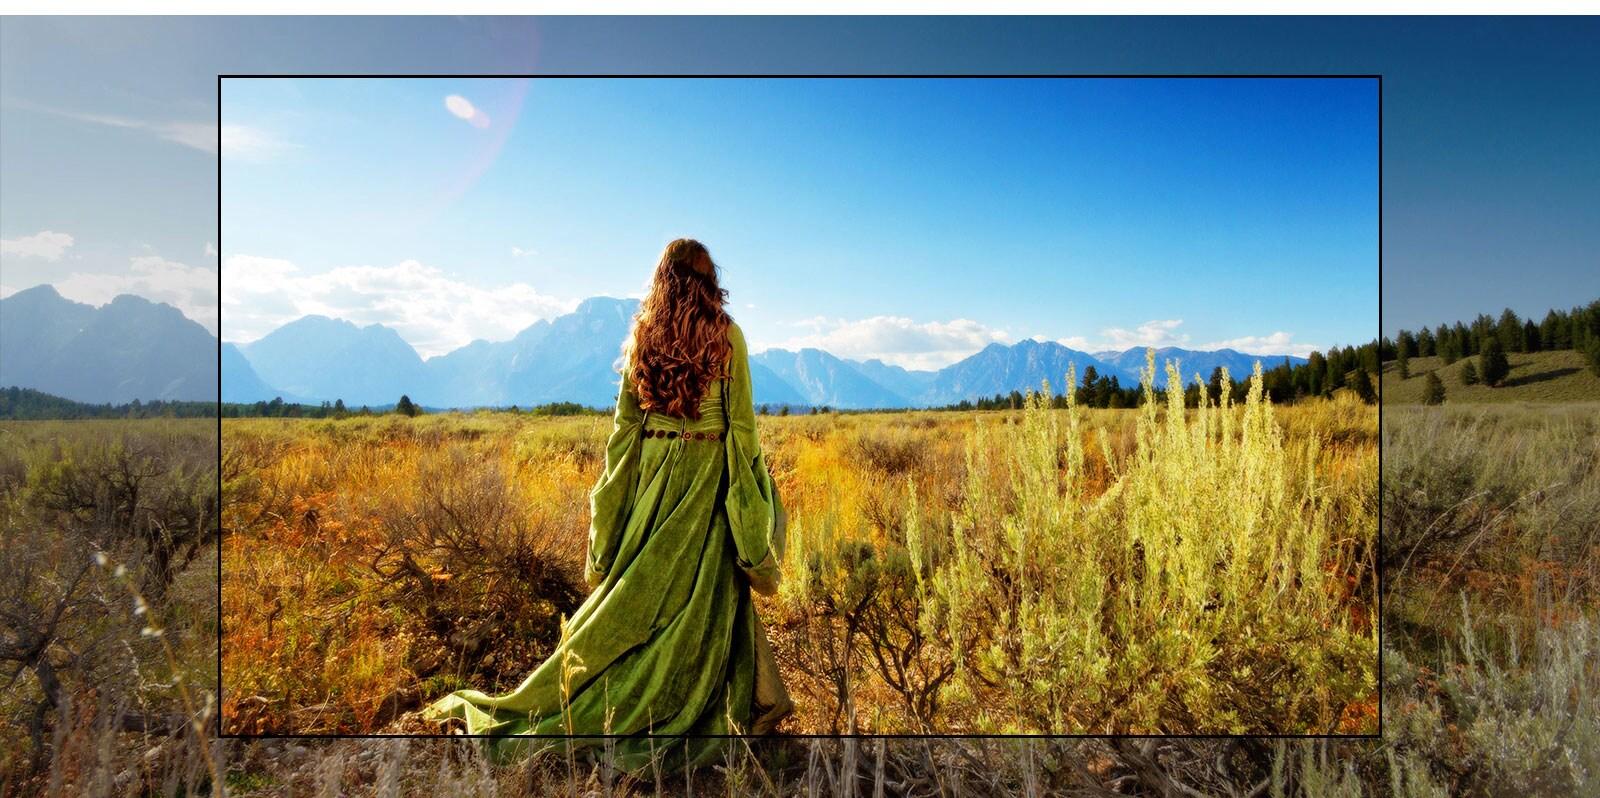 TV-zaslon, ki prikazuje prizor iz fantazijskega filma, v katerem ženska stoji na polju in opazuje gore.